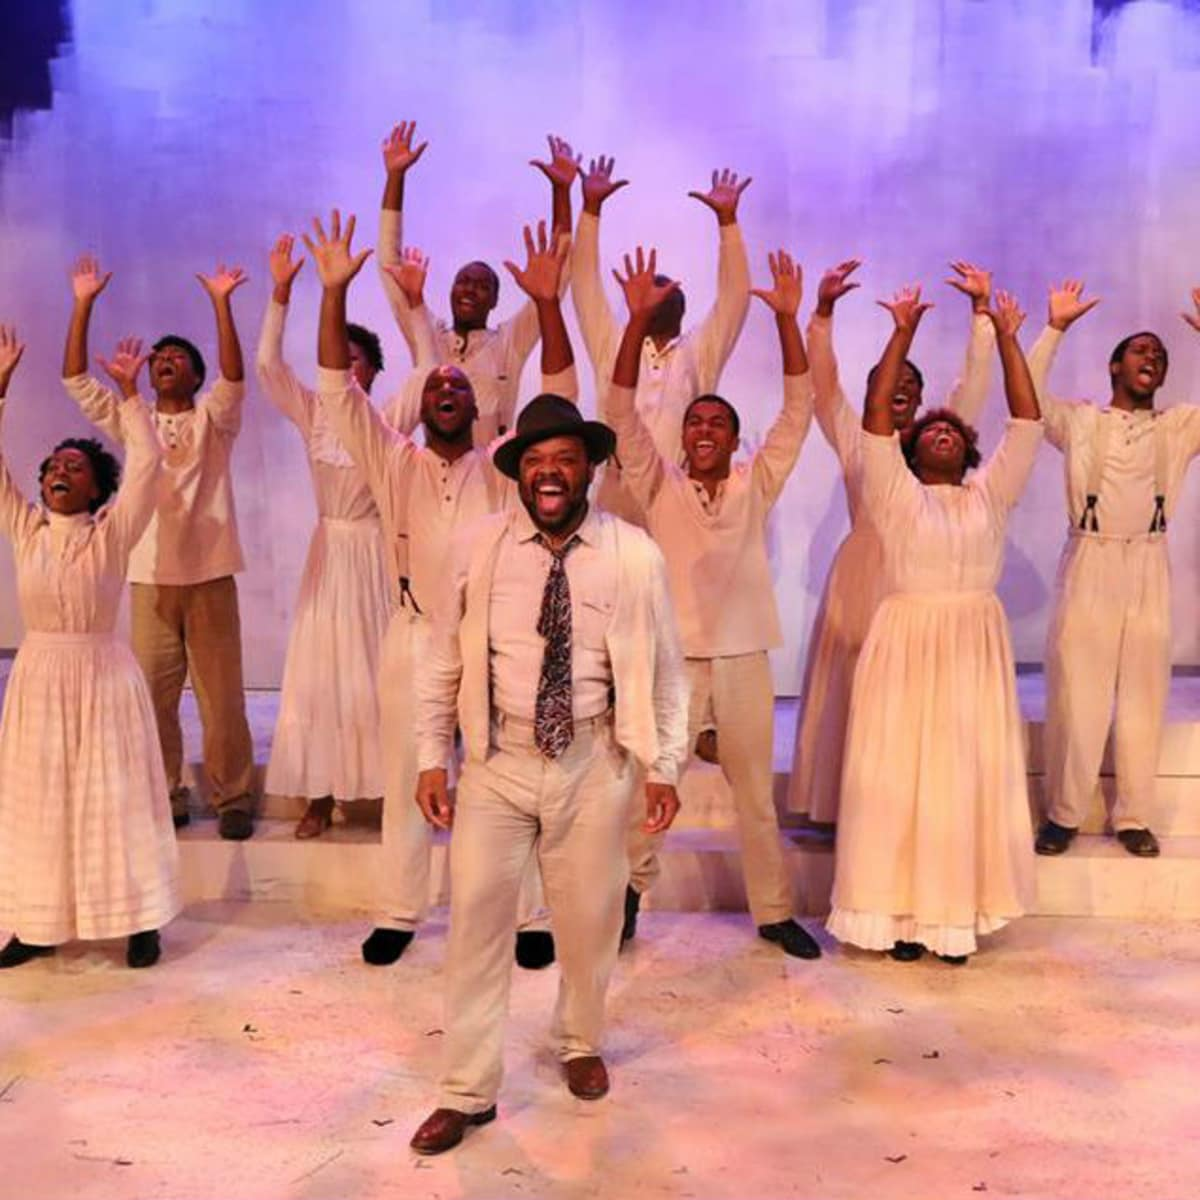 Jubilee Theatre presents The Color Purple